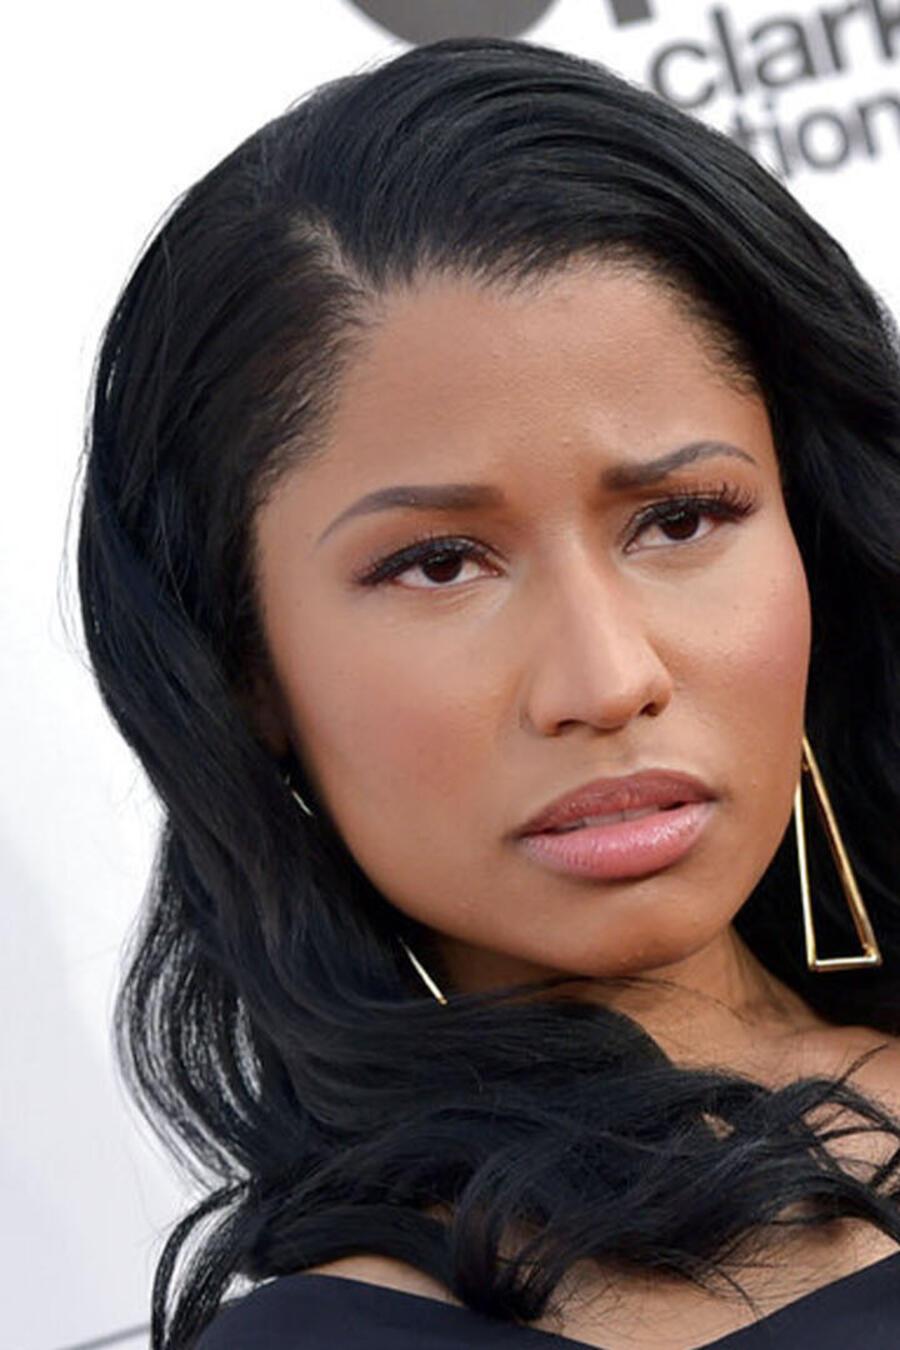 La rapera Nicki Minaj durante una entrega de premios en 2014